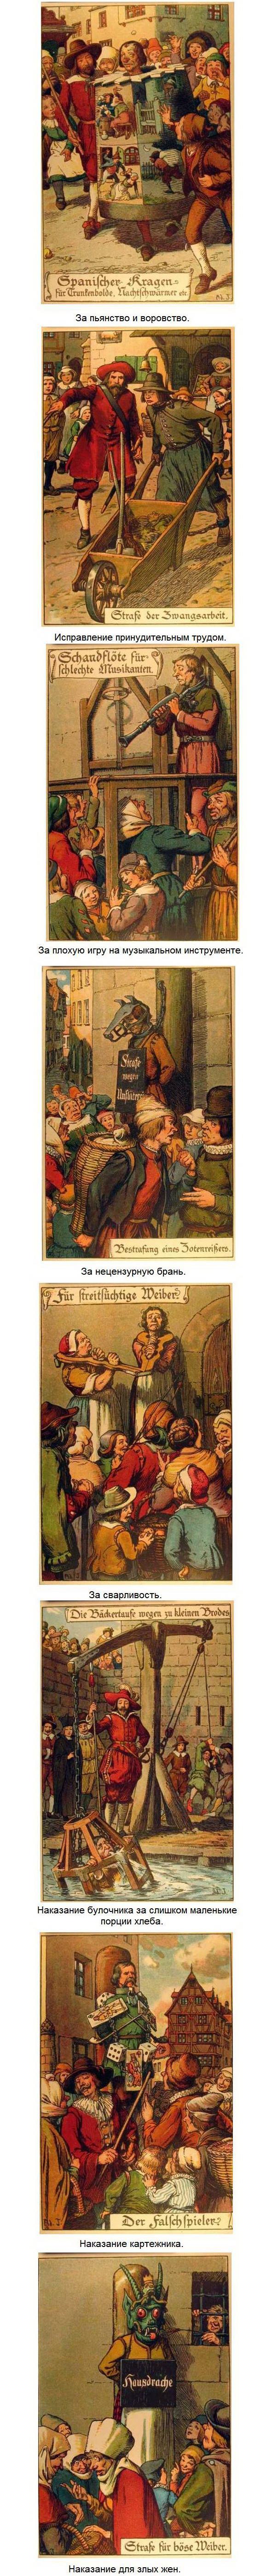 Наказание и перевоспитание в средние века